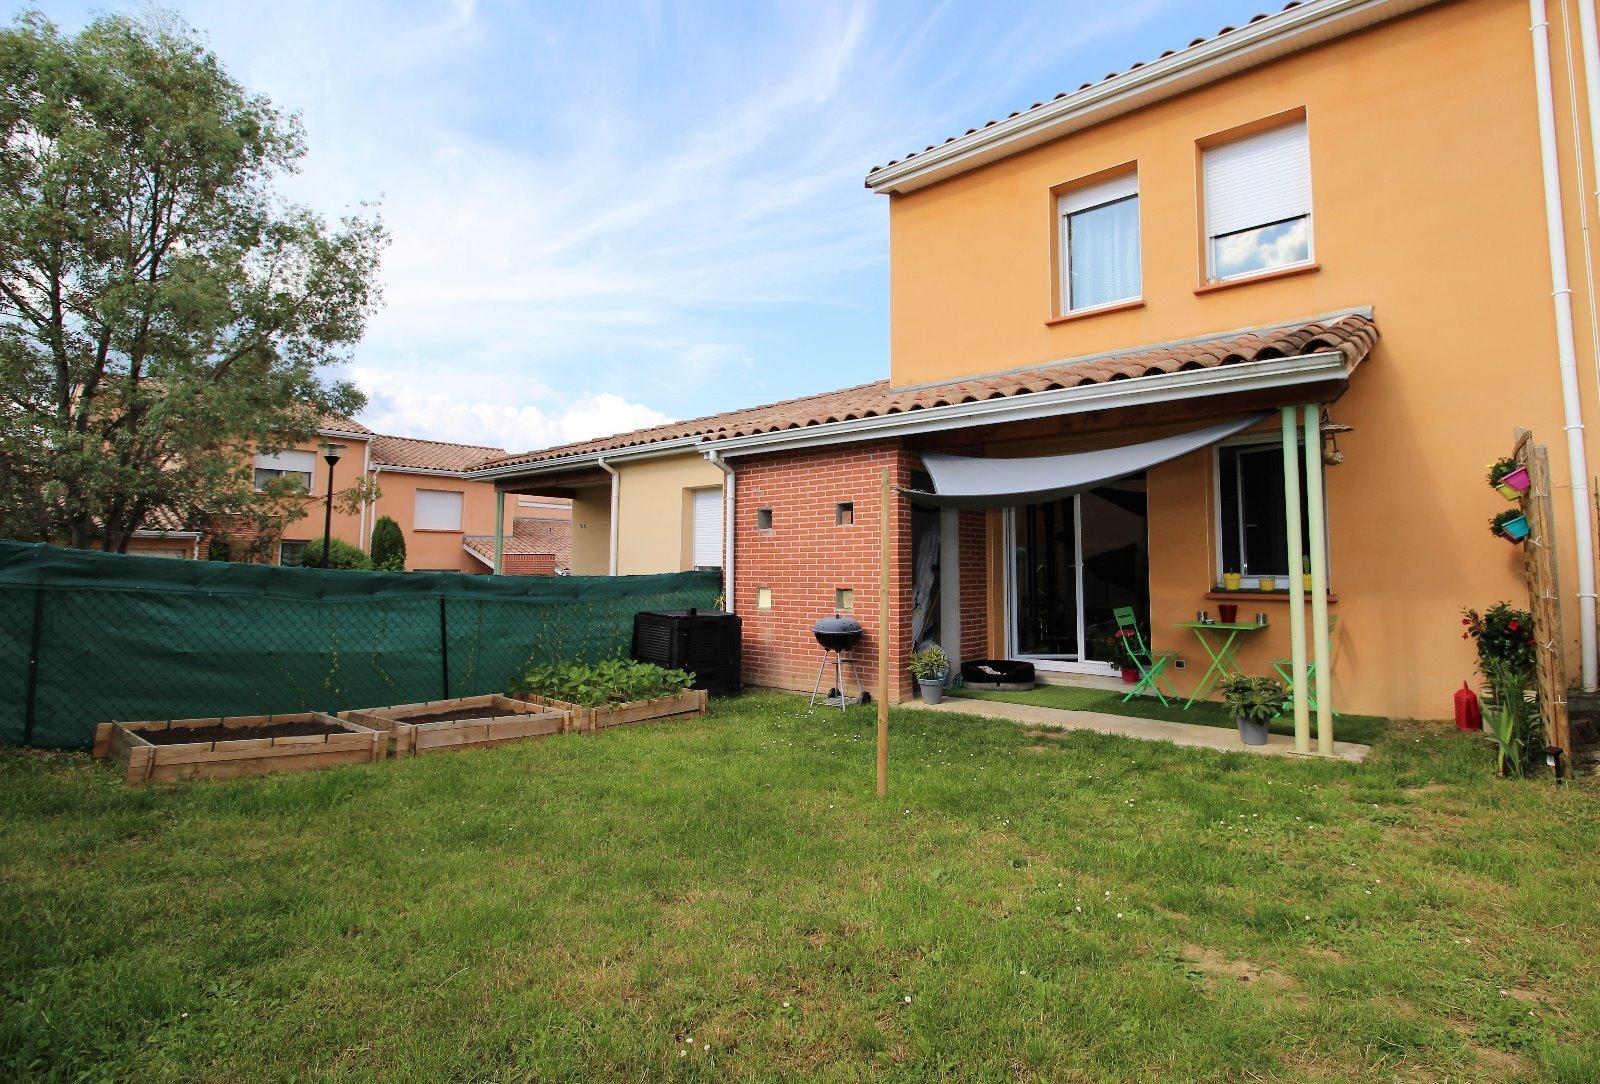 Acheter Une Maison A Caussade Ou En Tarn Et Garonne